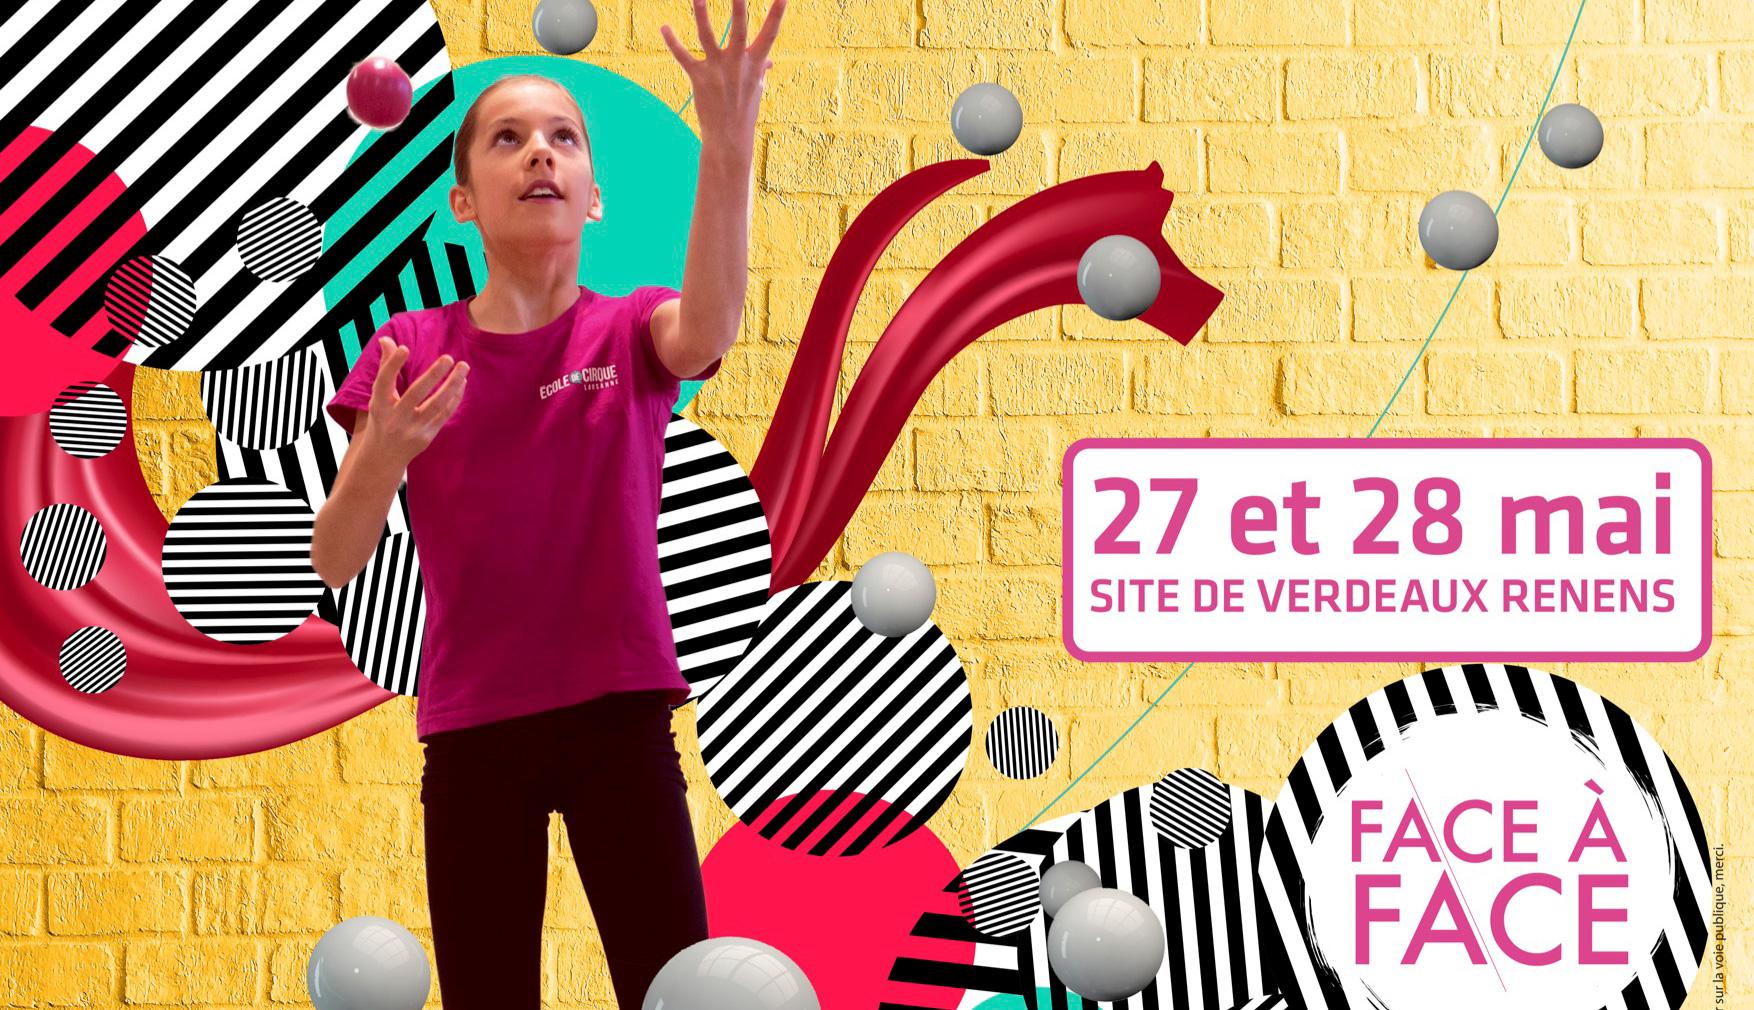 Spectacle de l'Ecole de Cirque de Lausanne-Renens, édition 2017 !